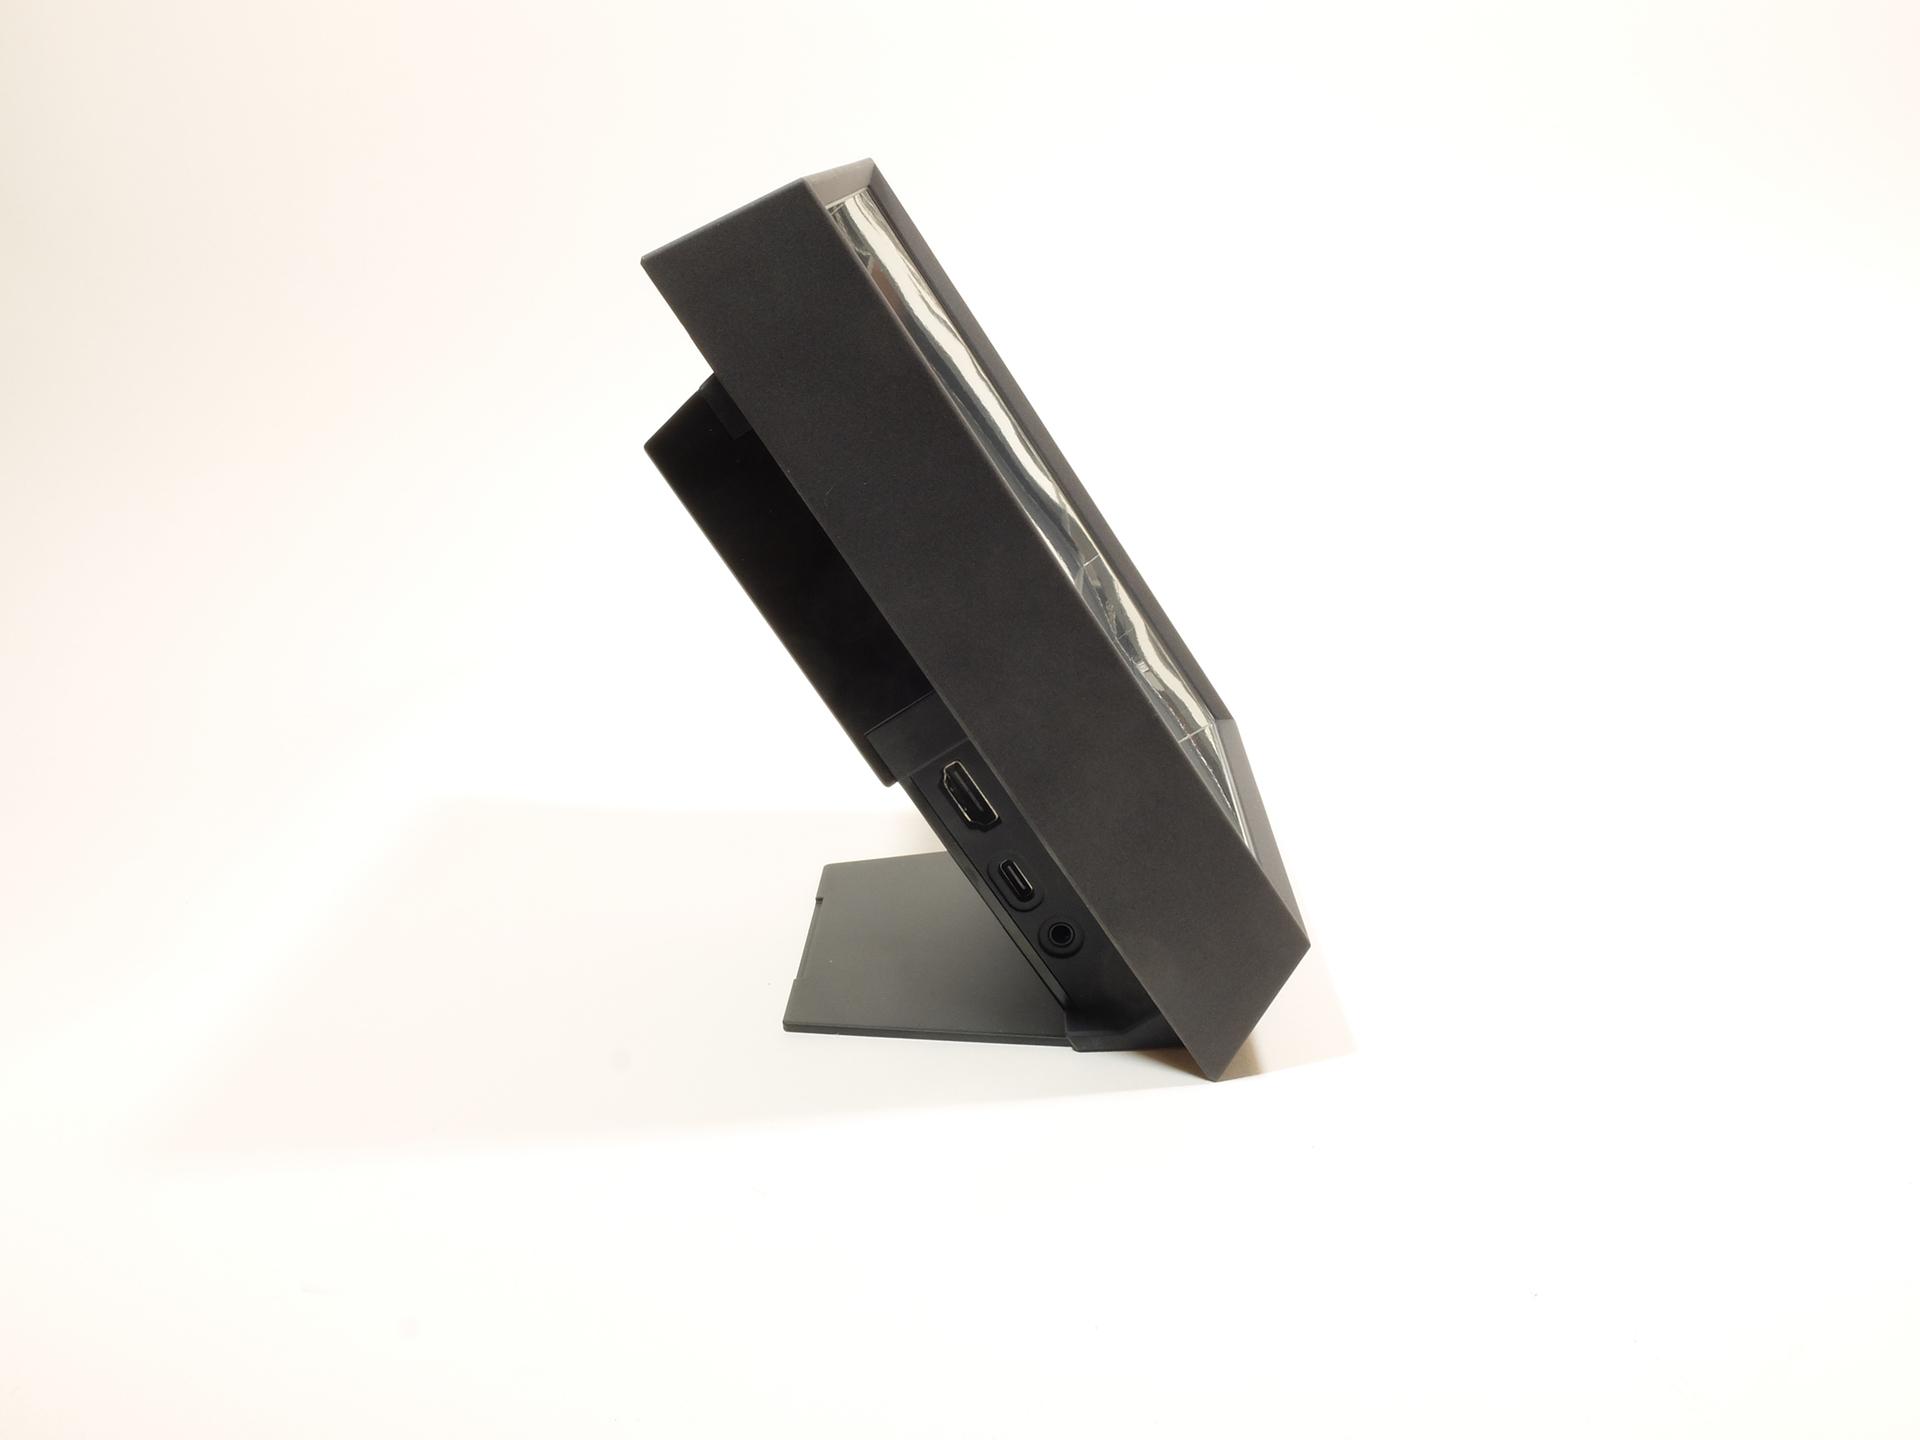 左側面下部奥にはHDMI入力、USB Type-C端子、音声出力端子を備える